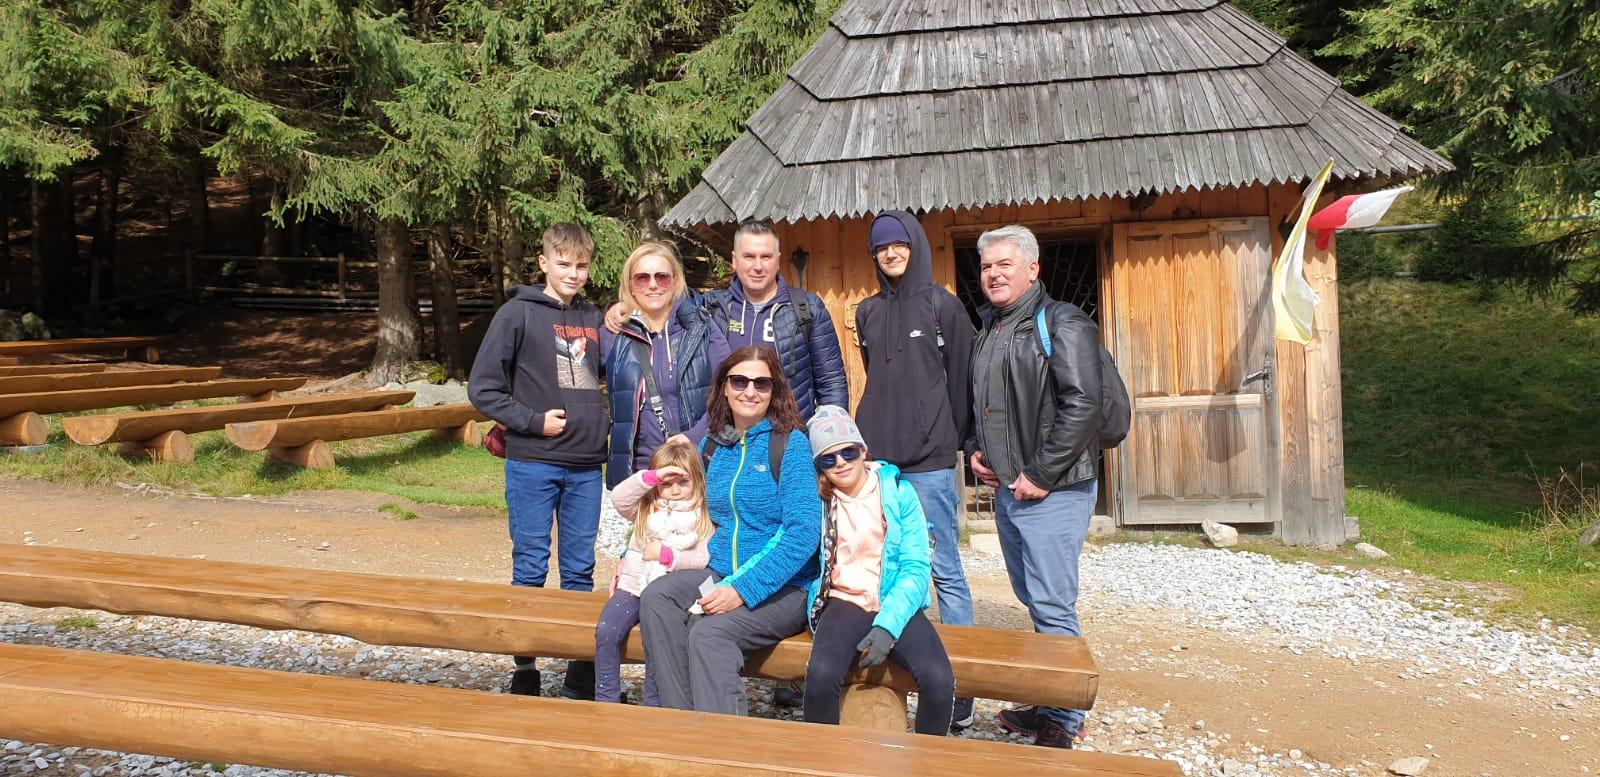 Koło Turystyczne w Dolinie chochołowskiej - zdjęcie 11